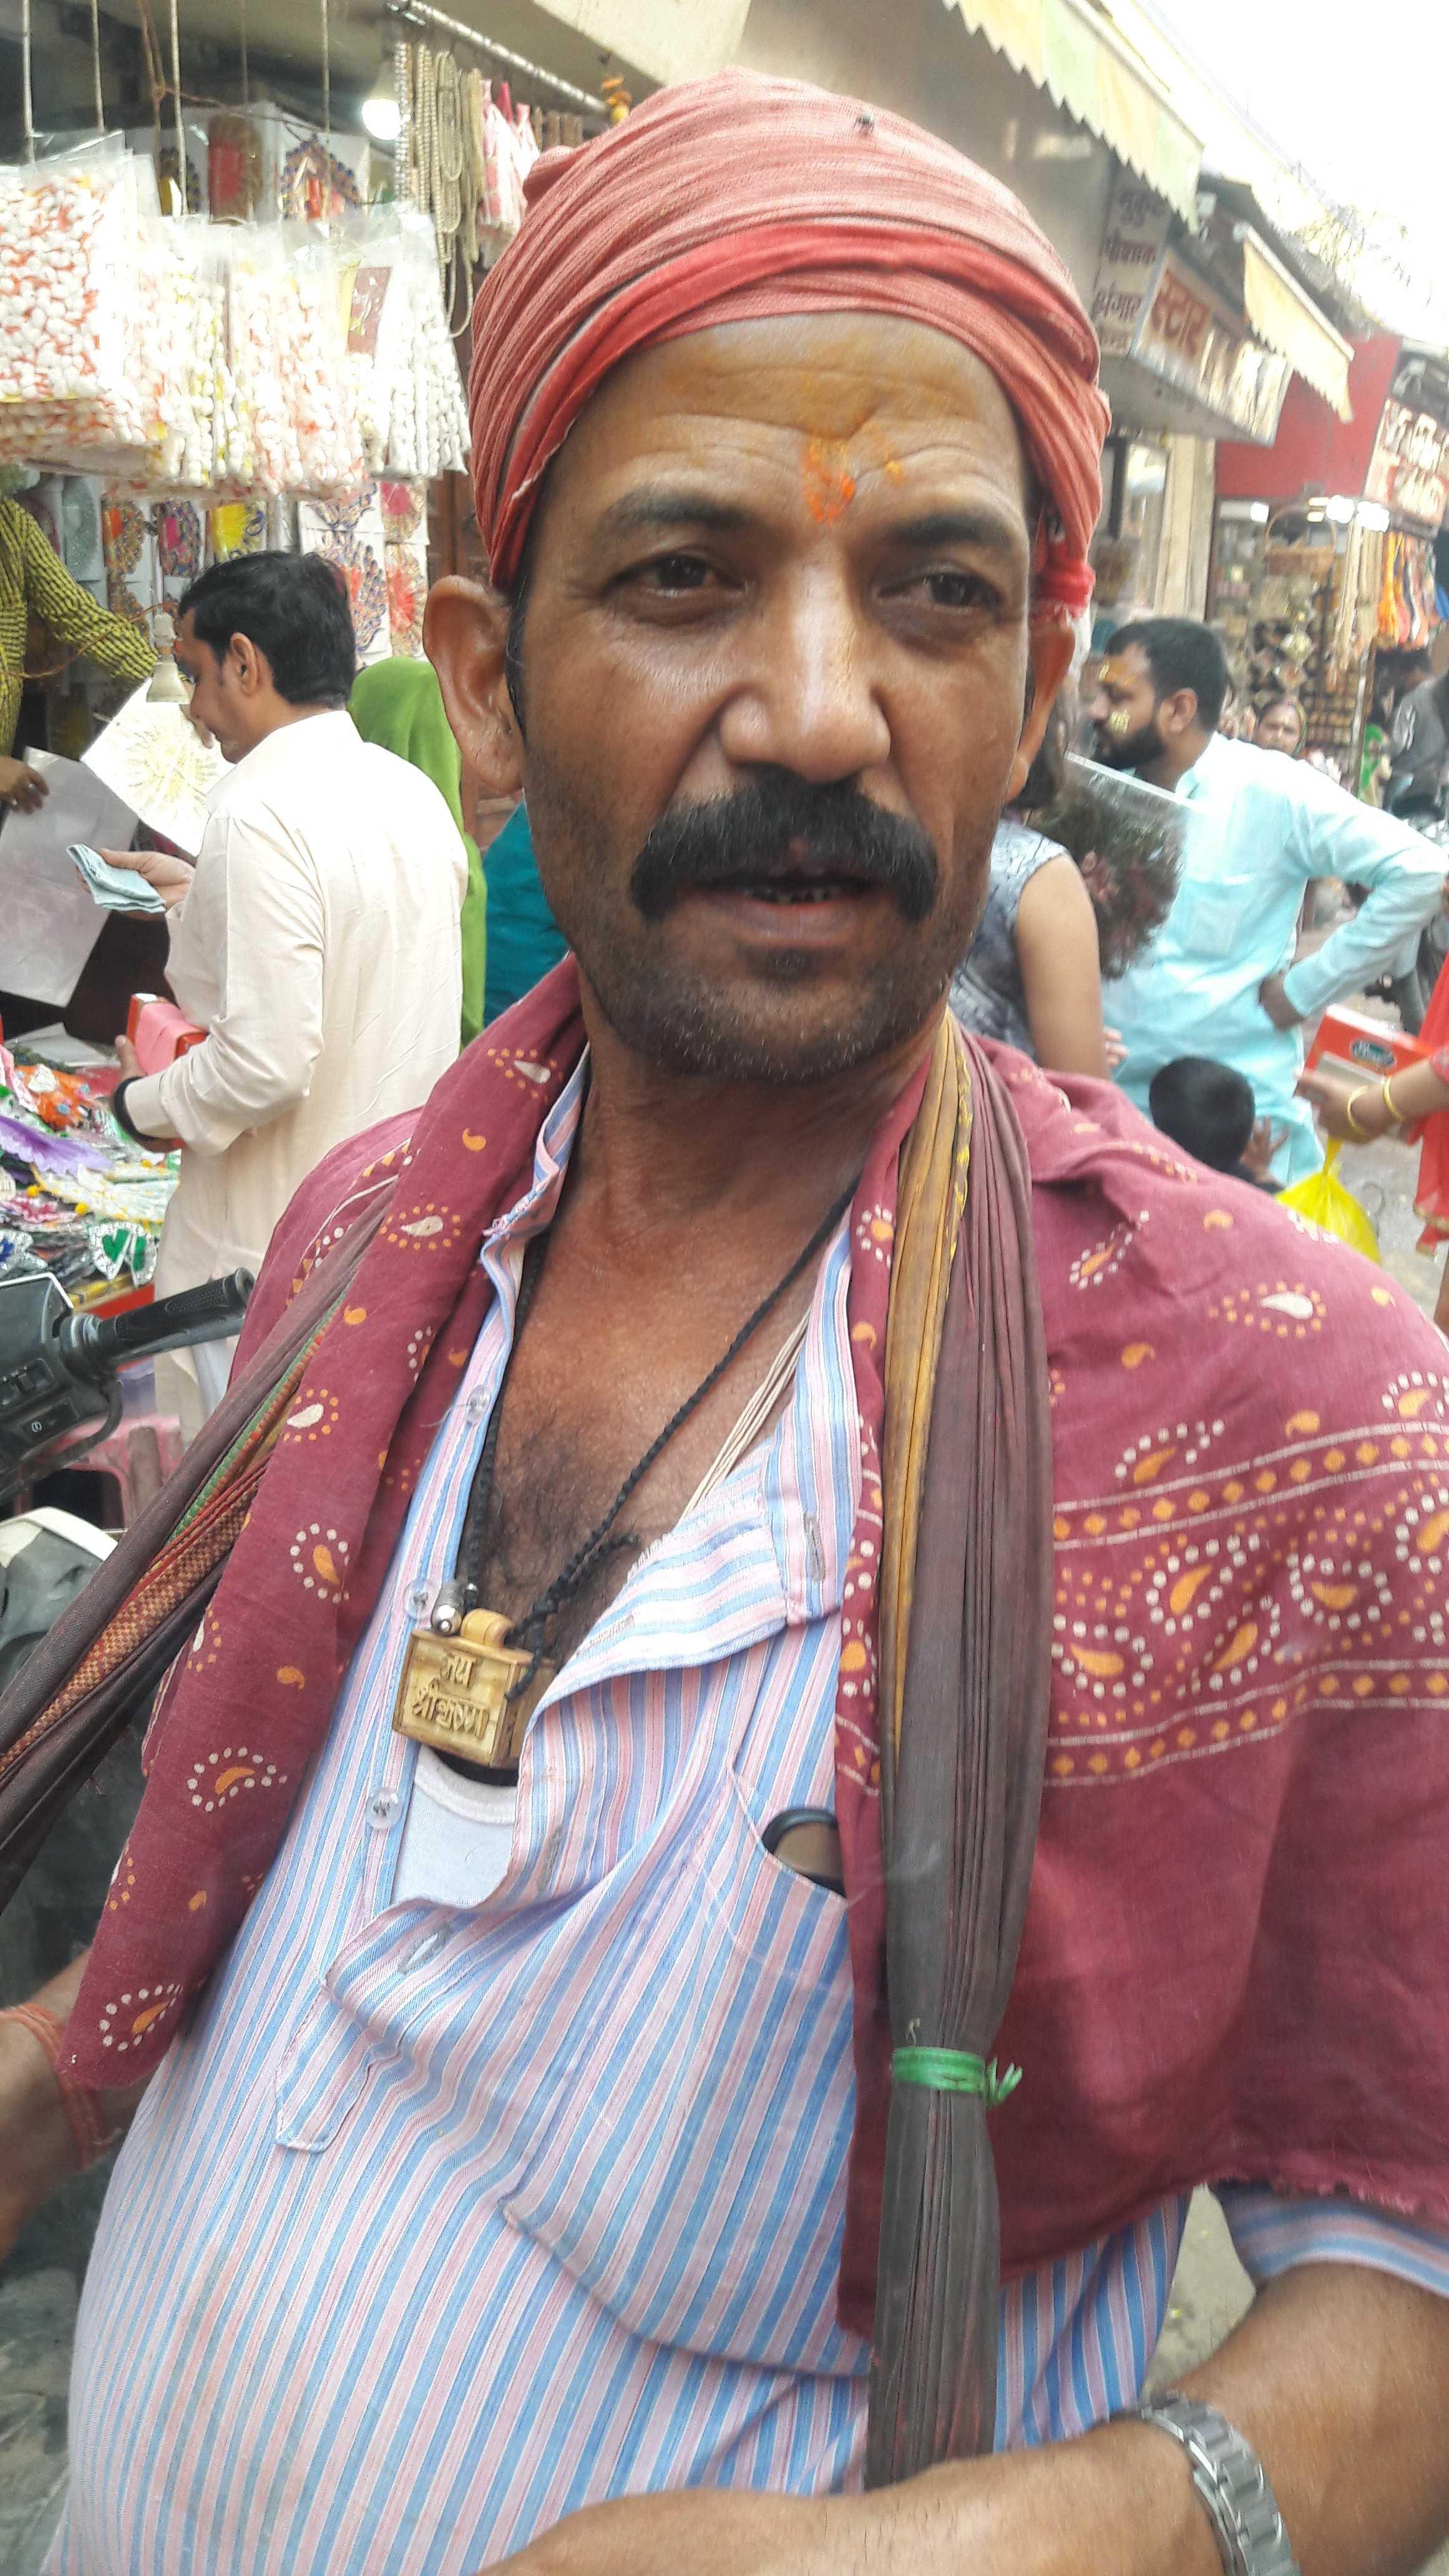 A pan-seller on foot in Vrindavan-fnbworld